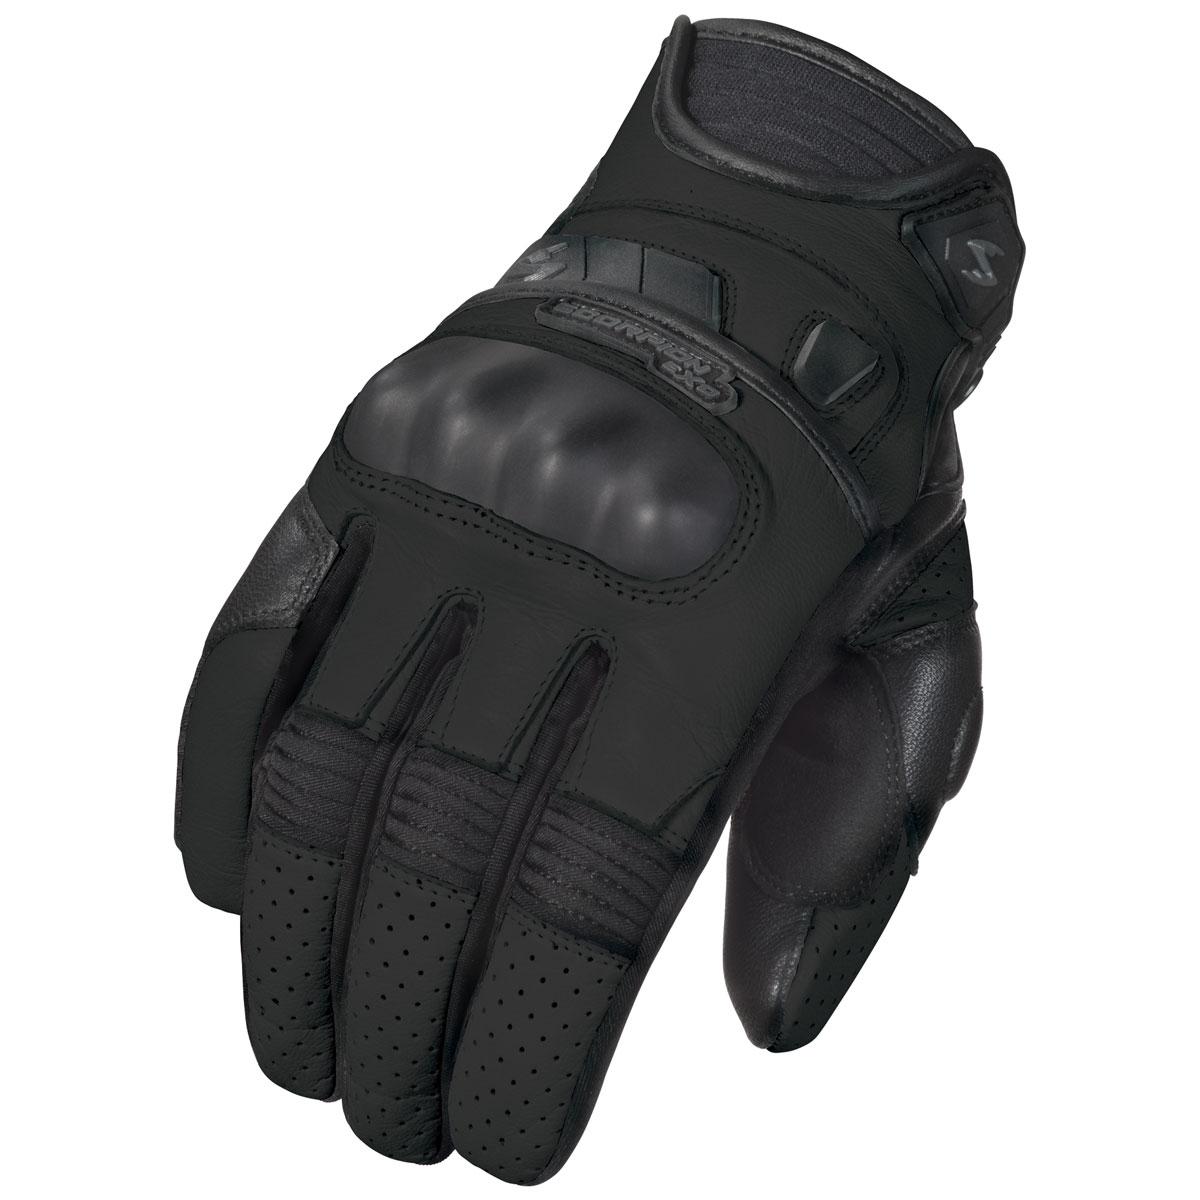 Scorpion EXO Women's Klaw II Black Leather Gloves